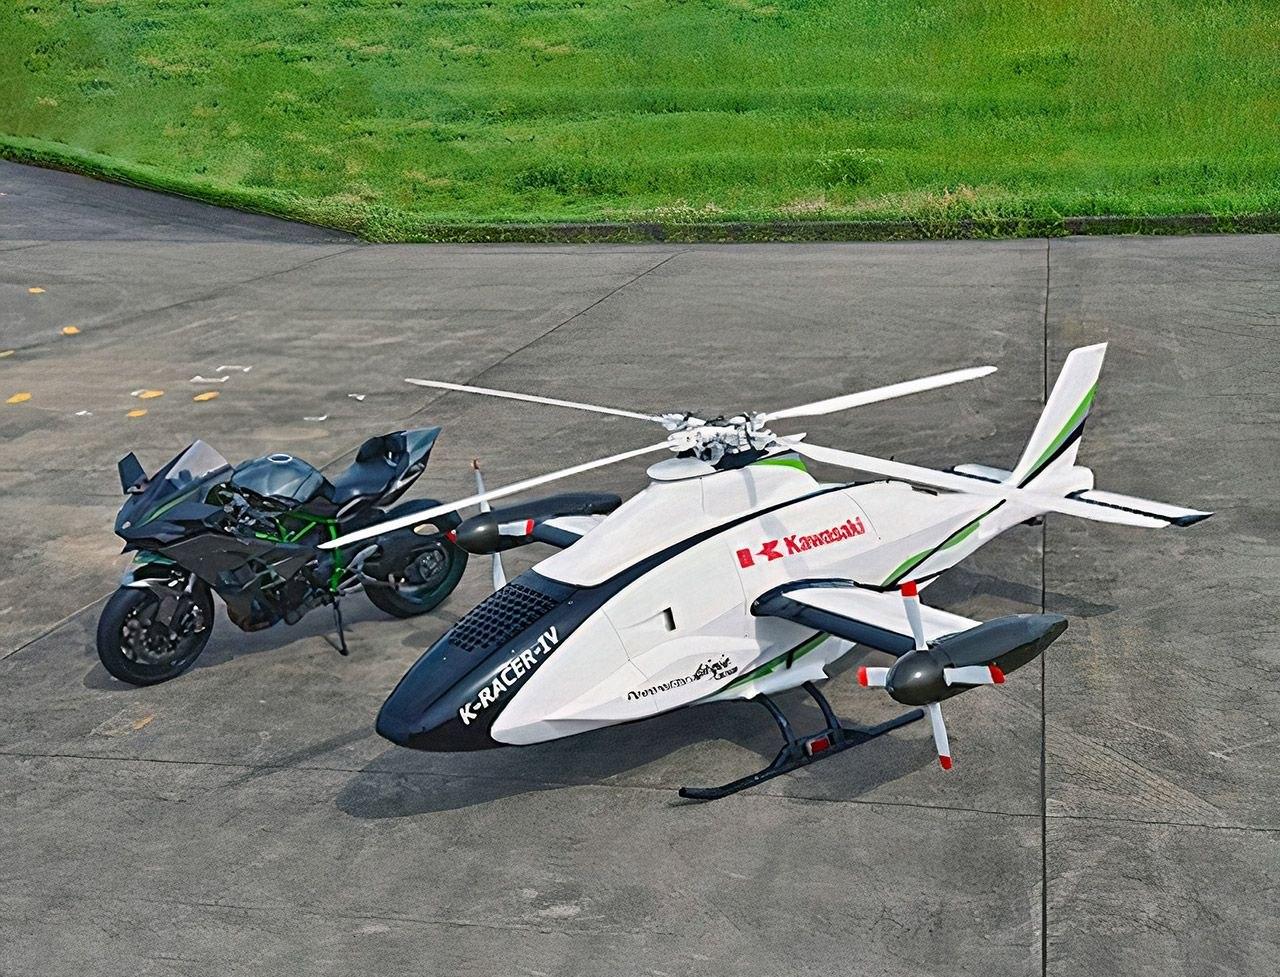 Автономный вертолет Kawasaki K-Racer разработан для предотвращения стихийных бедствий